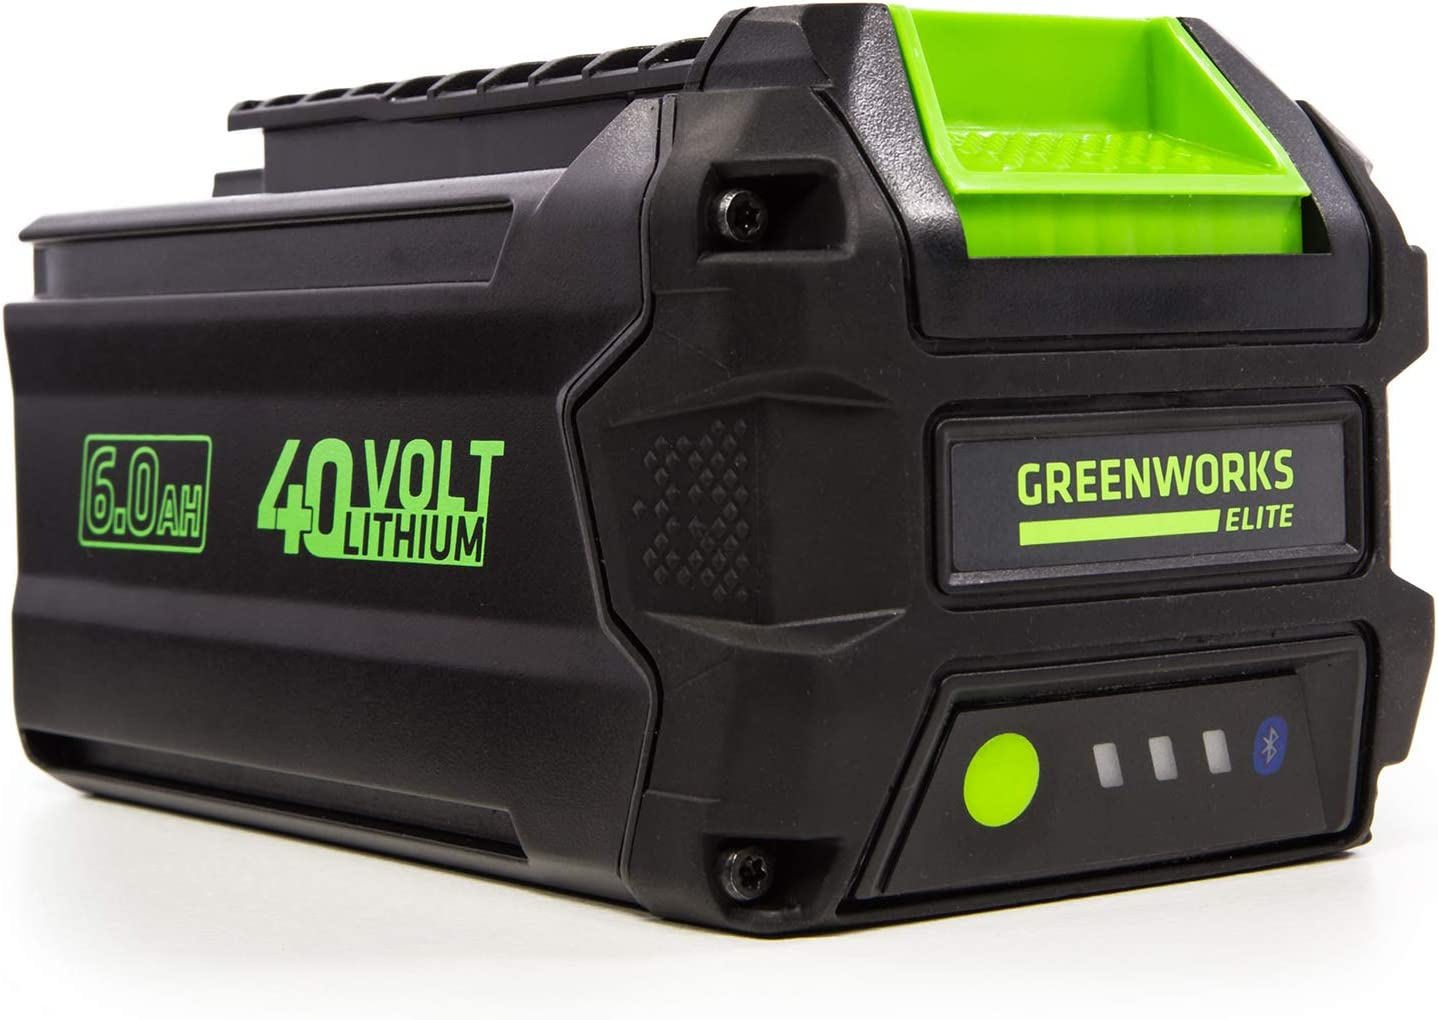 Greenworks L-600 40V 6AH Smart Lithium-Ion USB Battery